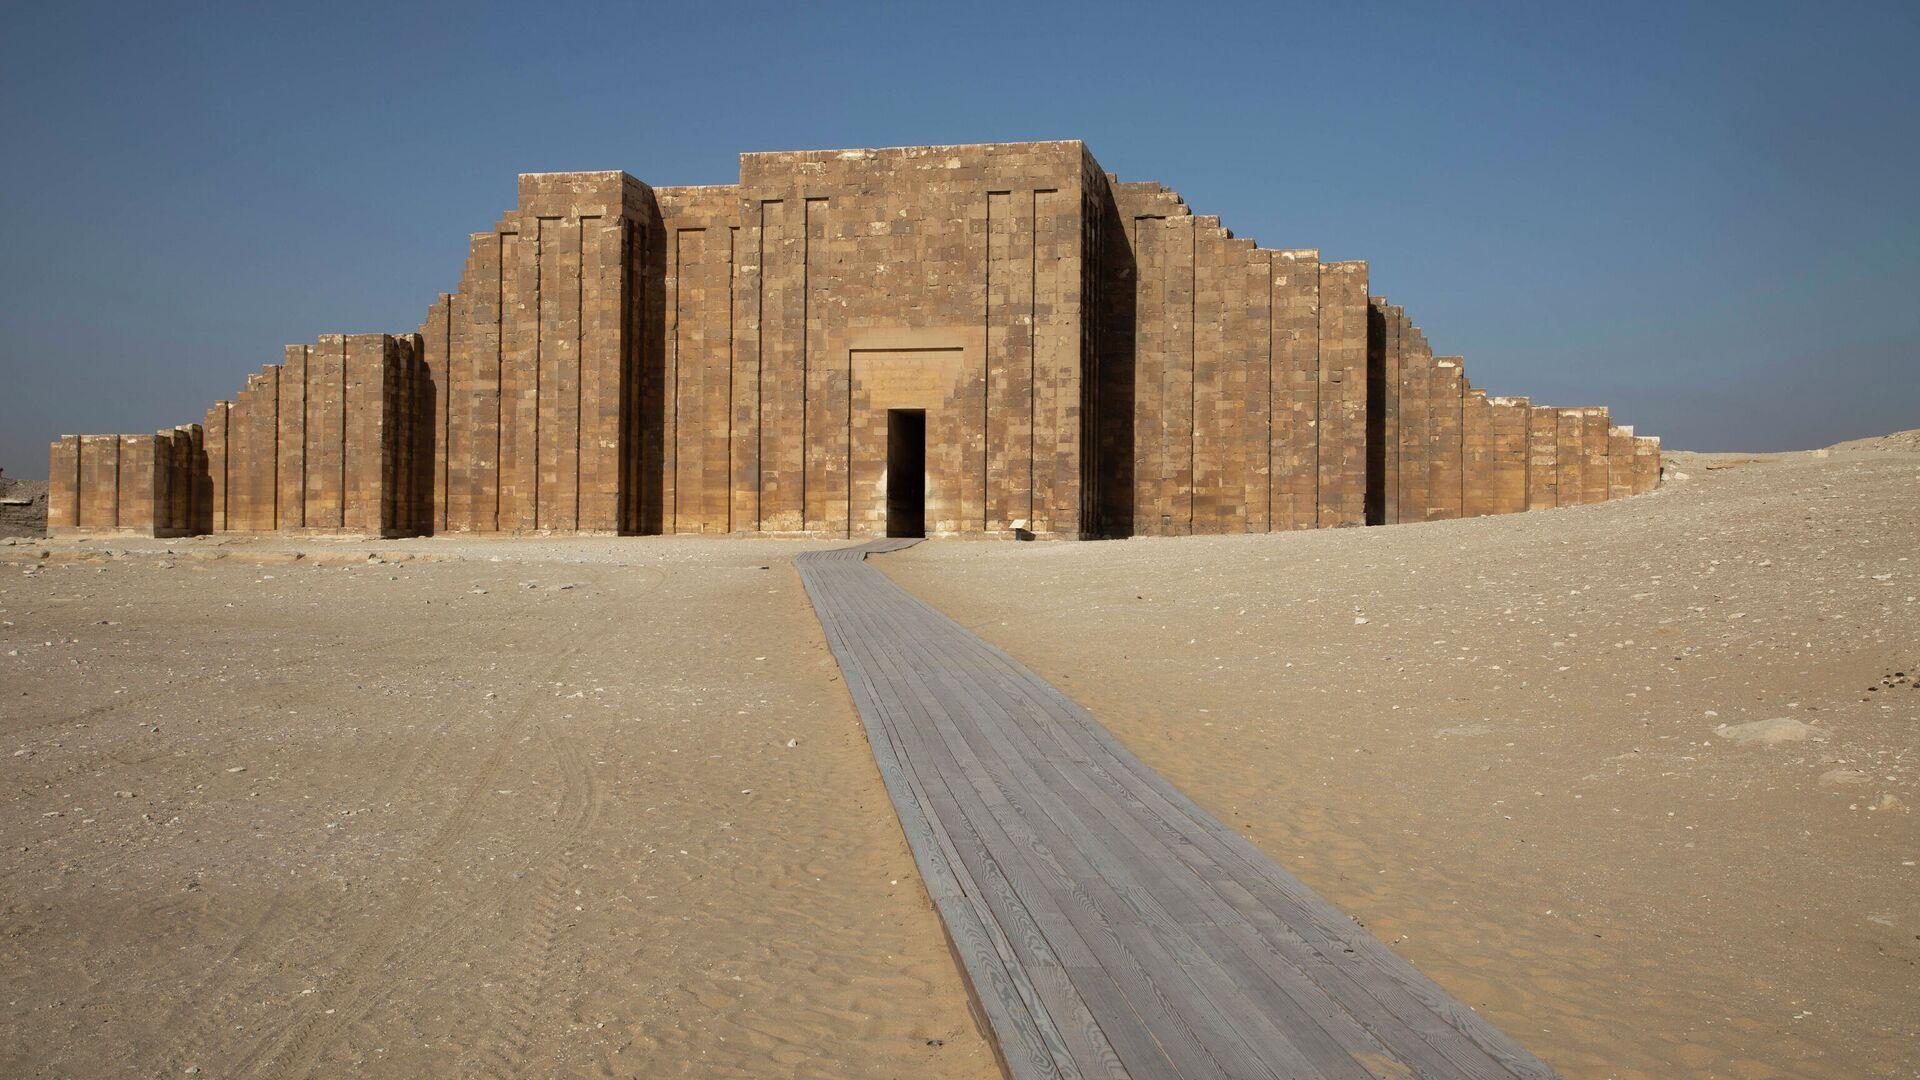 Un camino conduce a la entrada del cementerio sur del rey Zoser,  cerca de la famosa pirámide escalonada, en Saqqara, al sur de El Cairo, Egipto - Sputnik Mundo, 1920, 15.09.2021